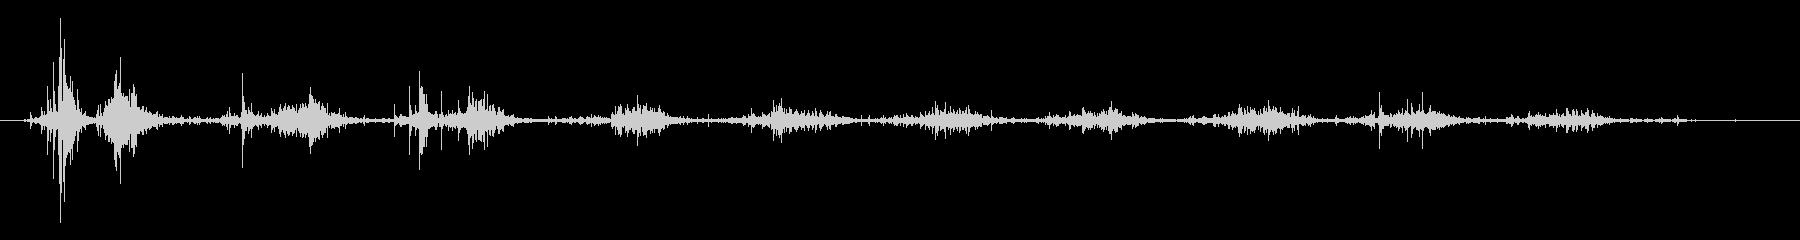 タブレッド菓子出す音・振る音4の未再生の波形